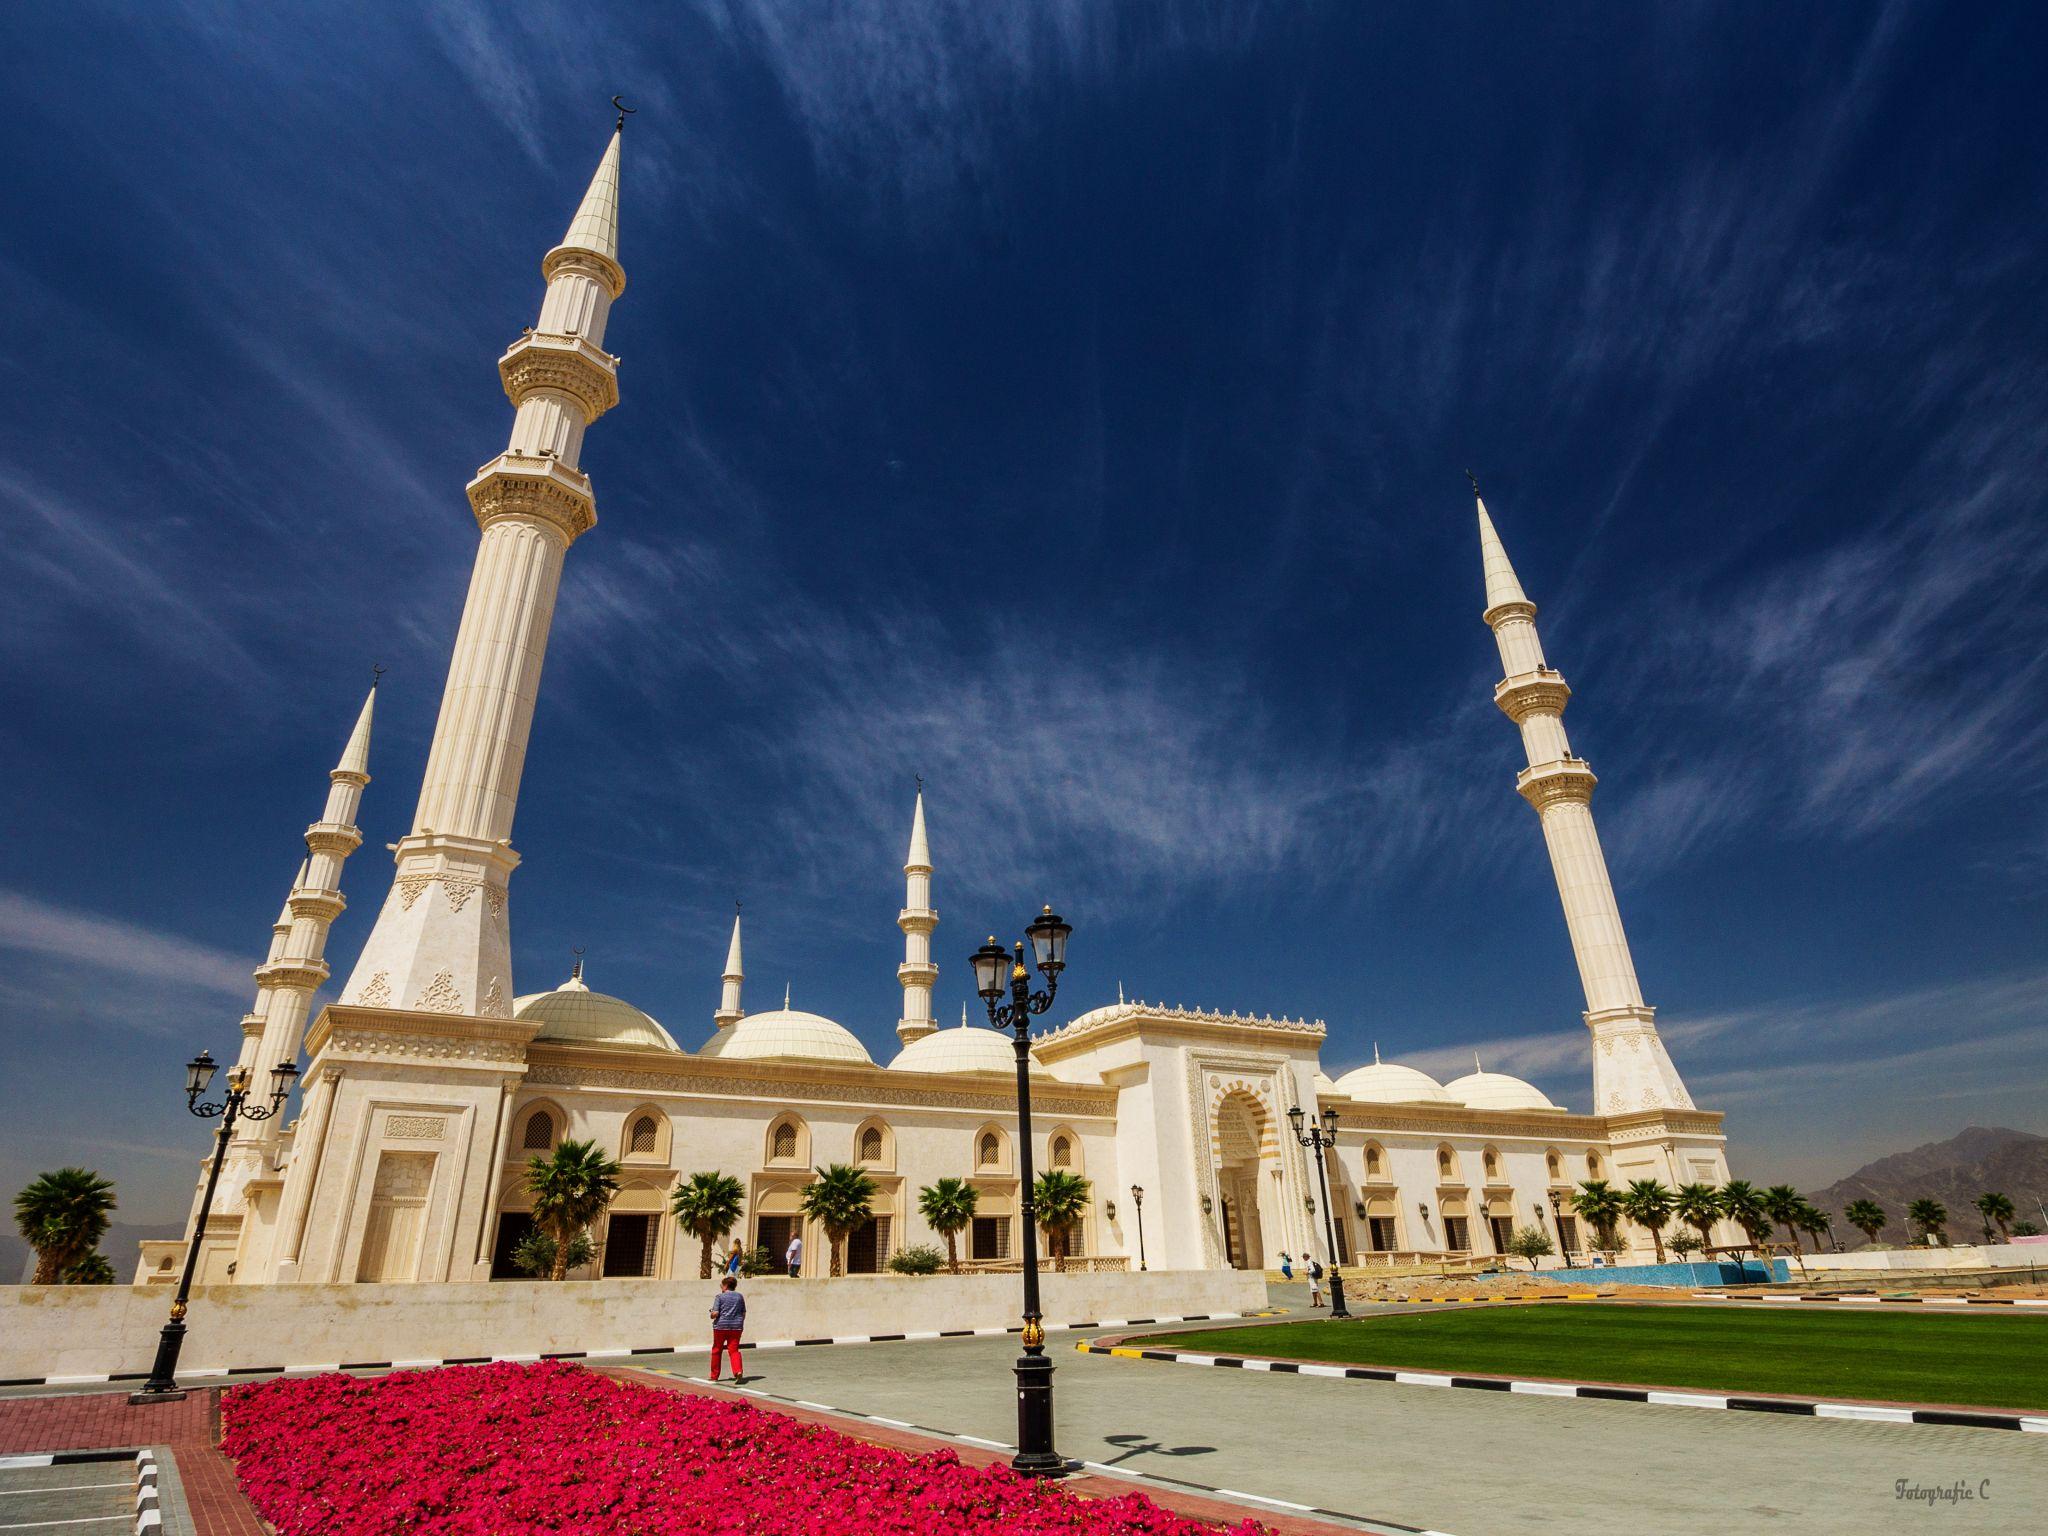 Fujairah Central Mosque, United Arab Emirates